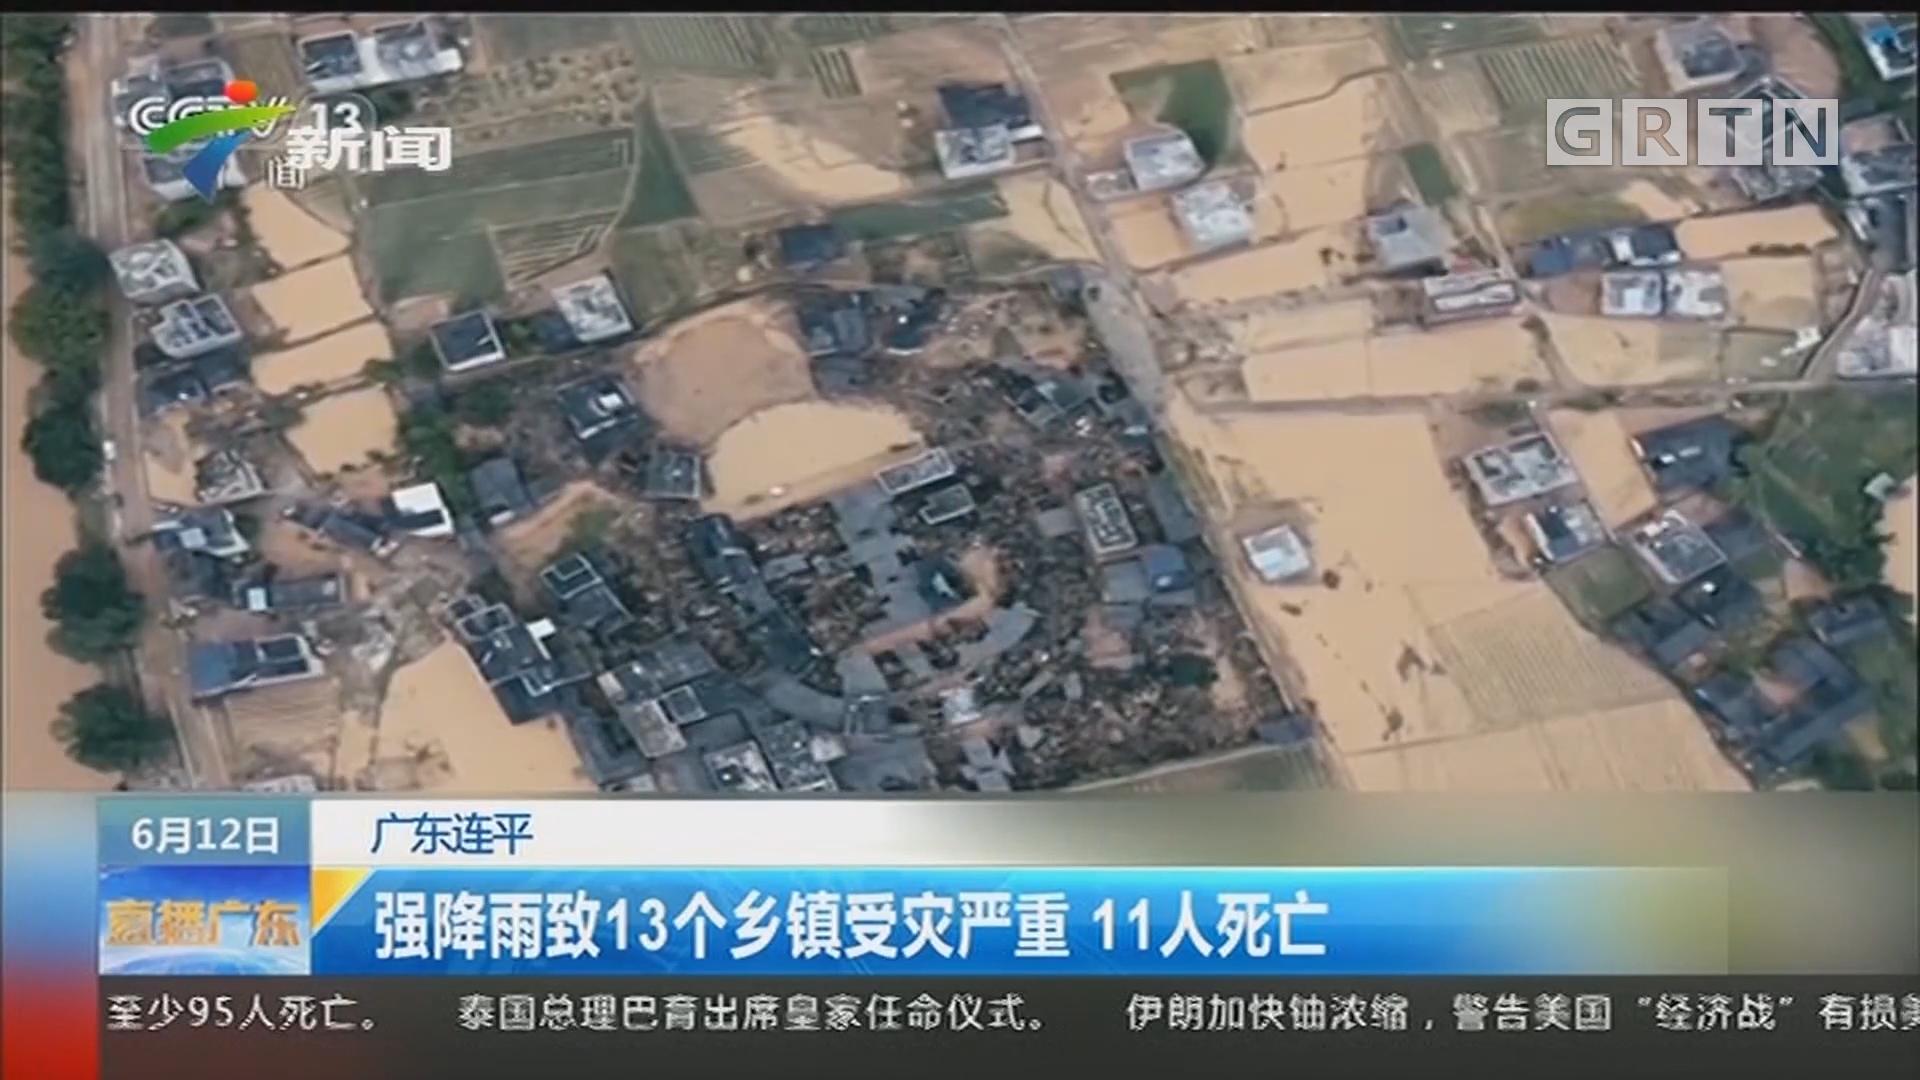 广东连平:强降雨致13个乡镇受灾严重 11人死亡